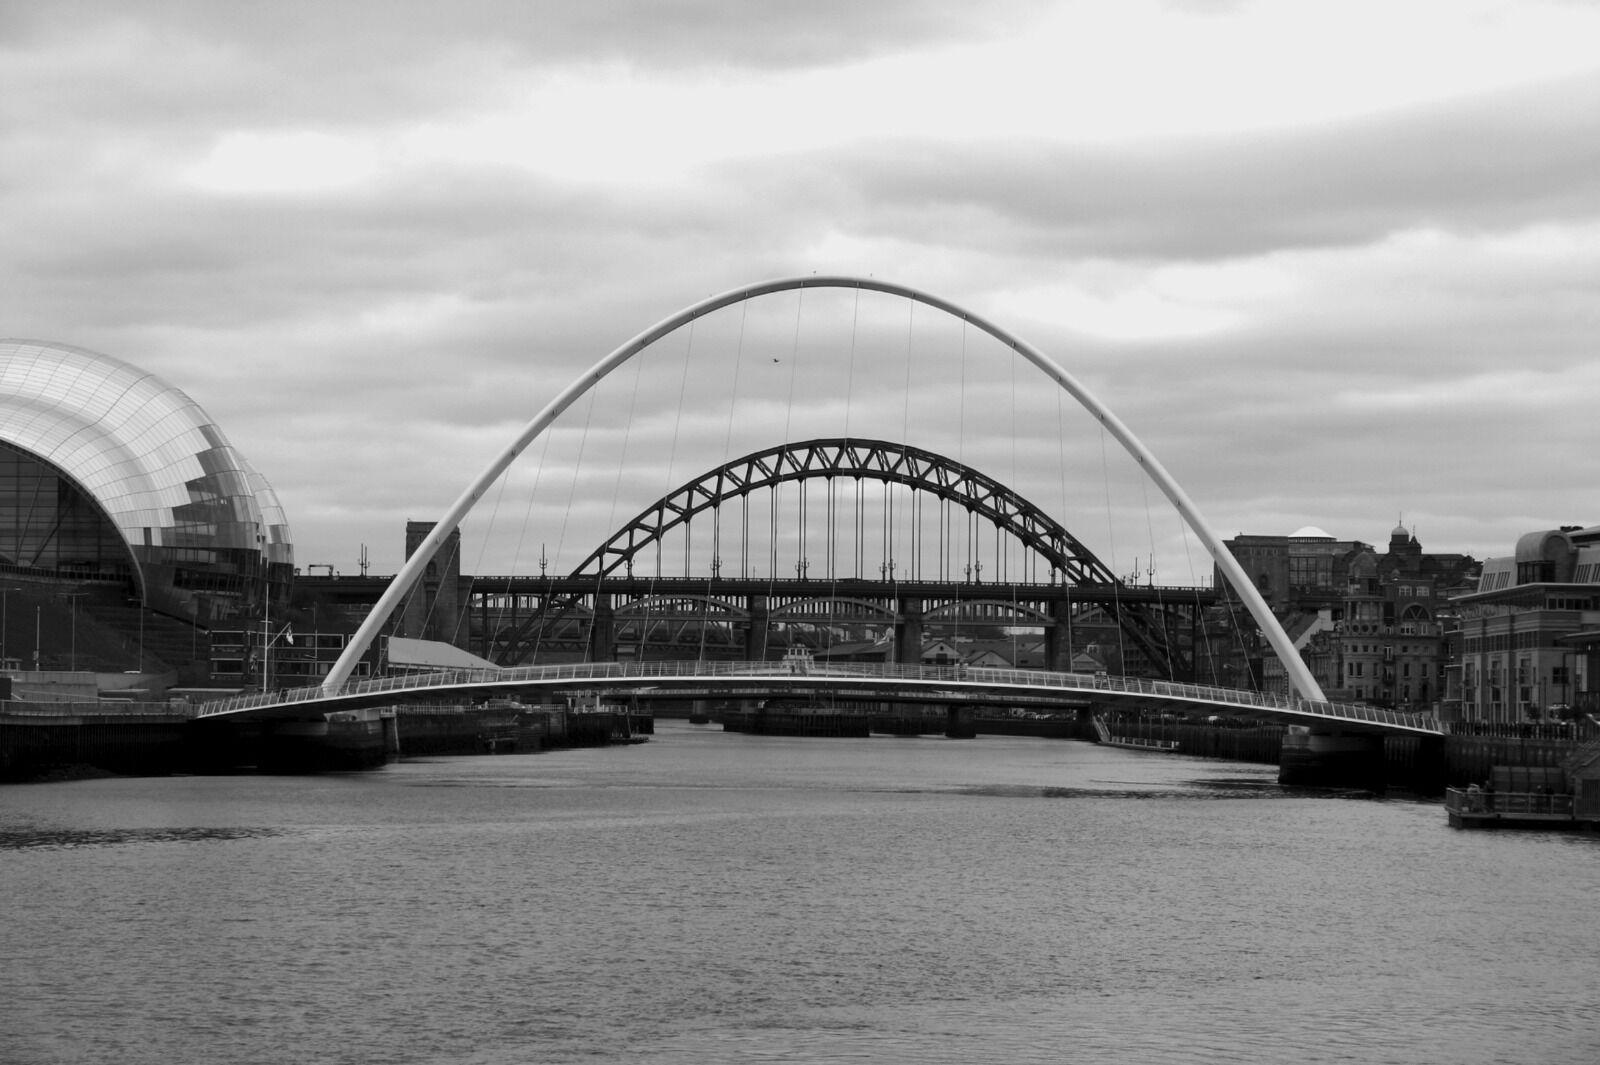 Quayside 5 Bridges